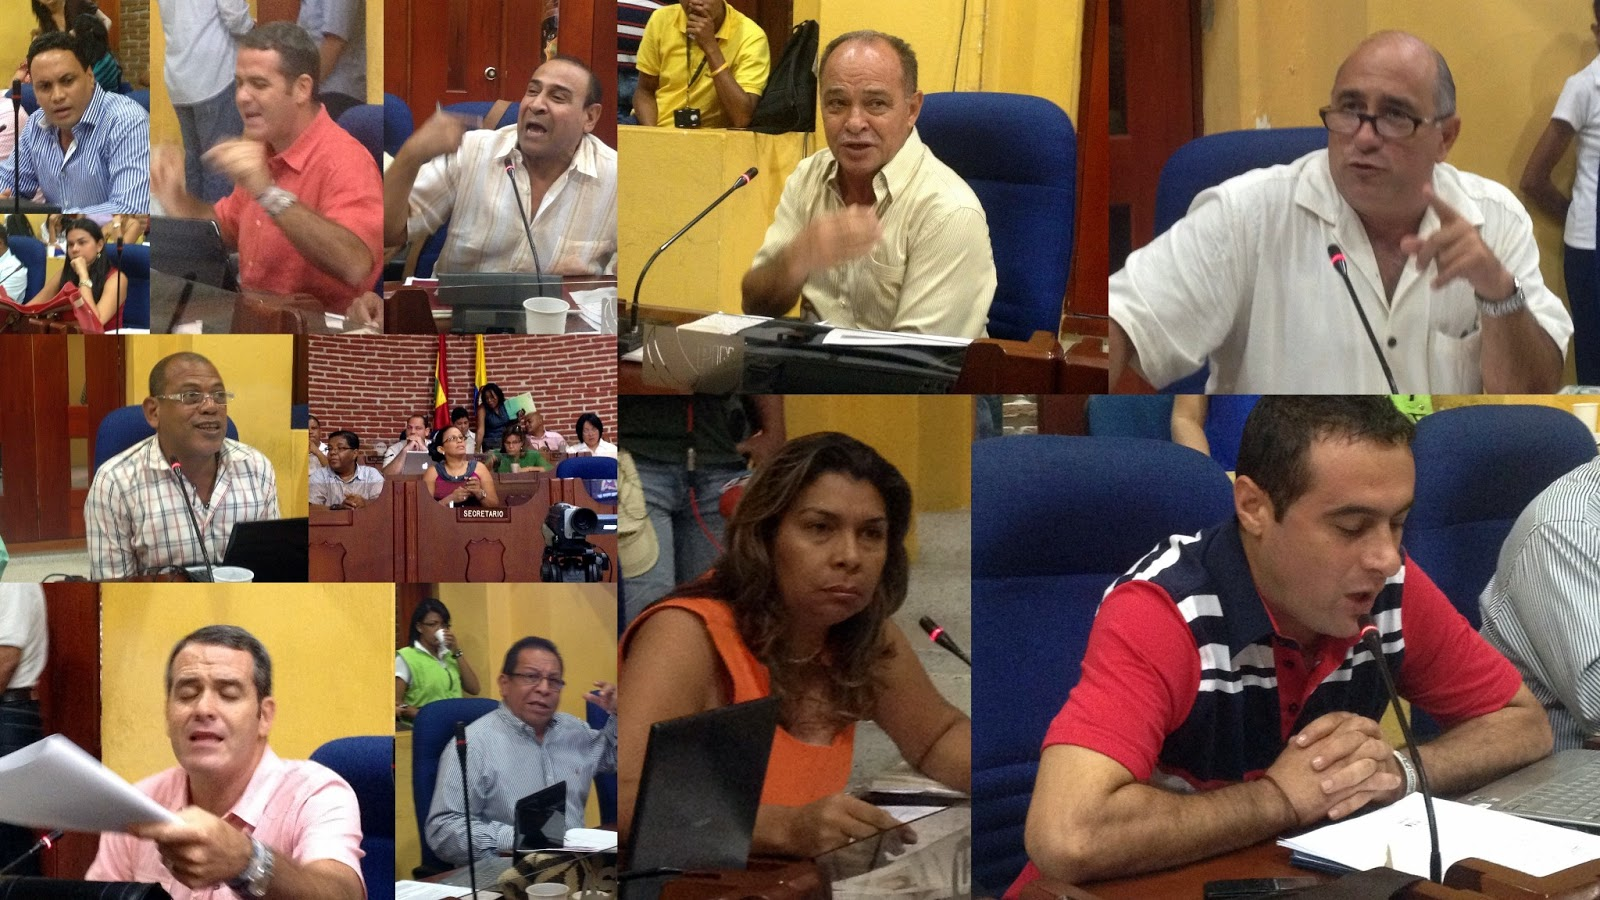 La educación de Cartagena estápostrada. debe cambiar para eso inicialmente hay que respaldarla con más inversión.